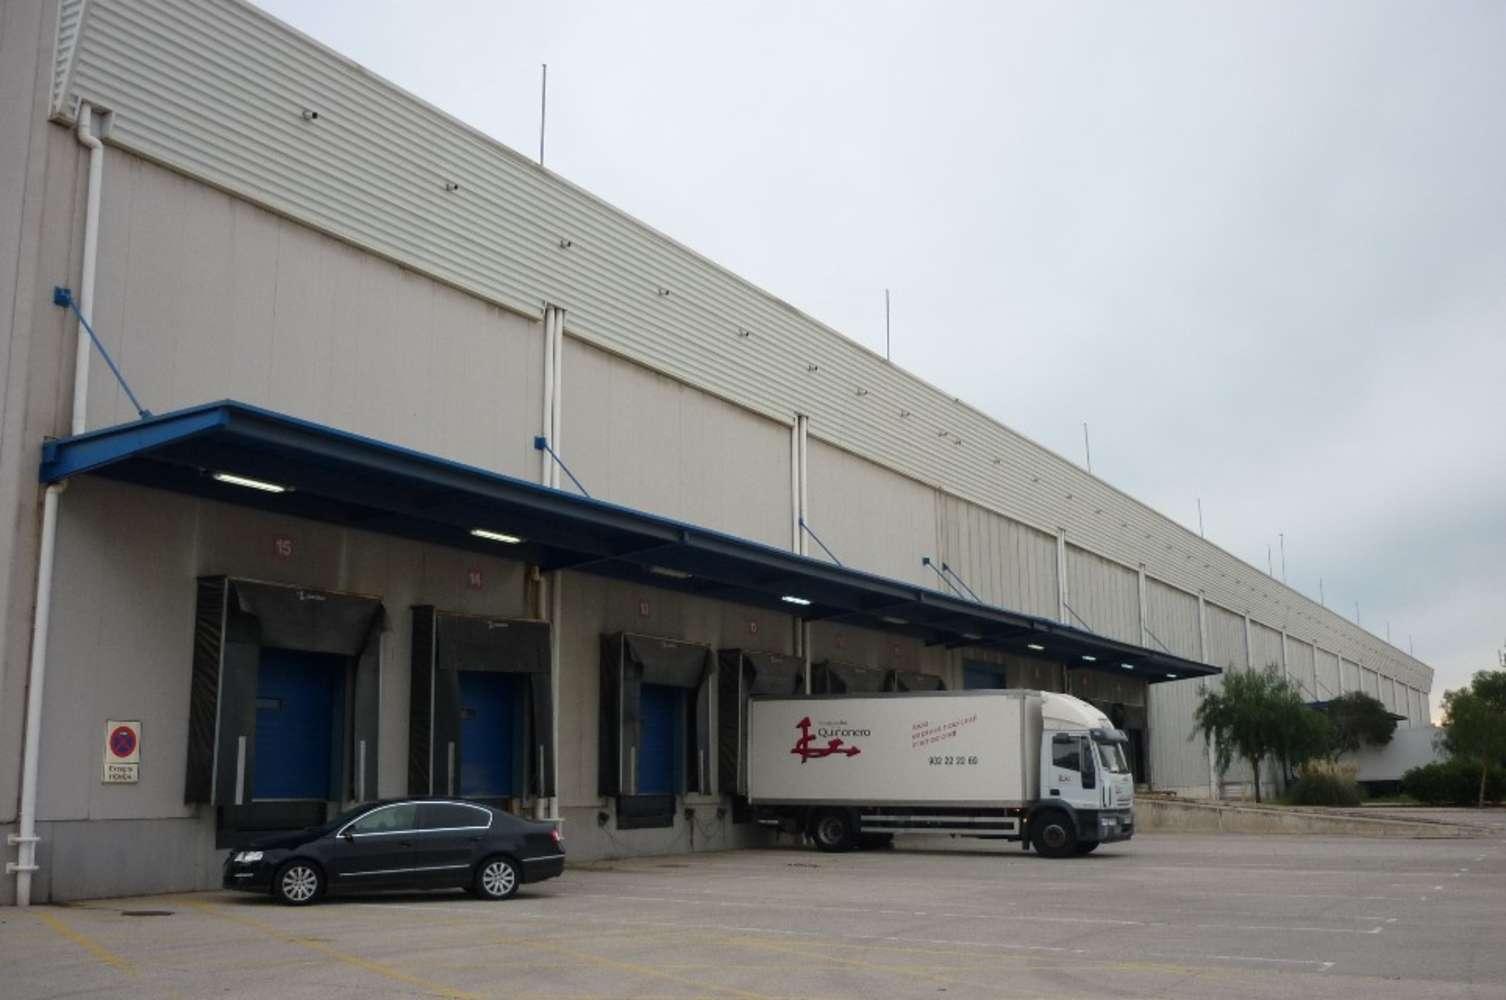 Naves industriales y logísticas Barcelona, 08040 - Nave Logística - B0047 - ZAL I PUERTO DE BARCELONA - 3327